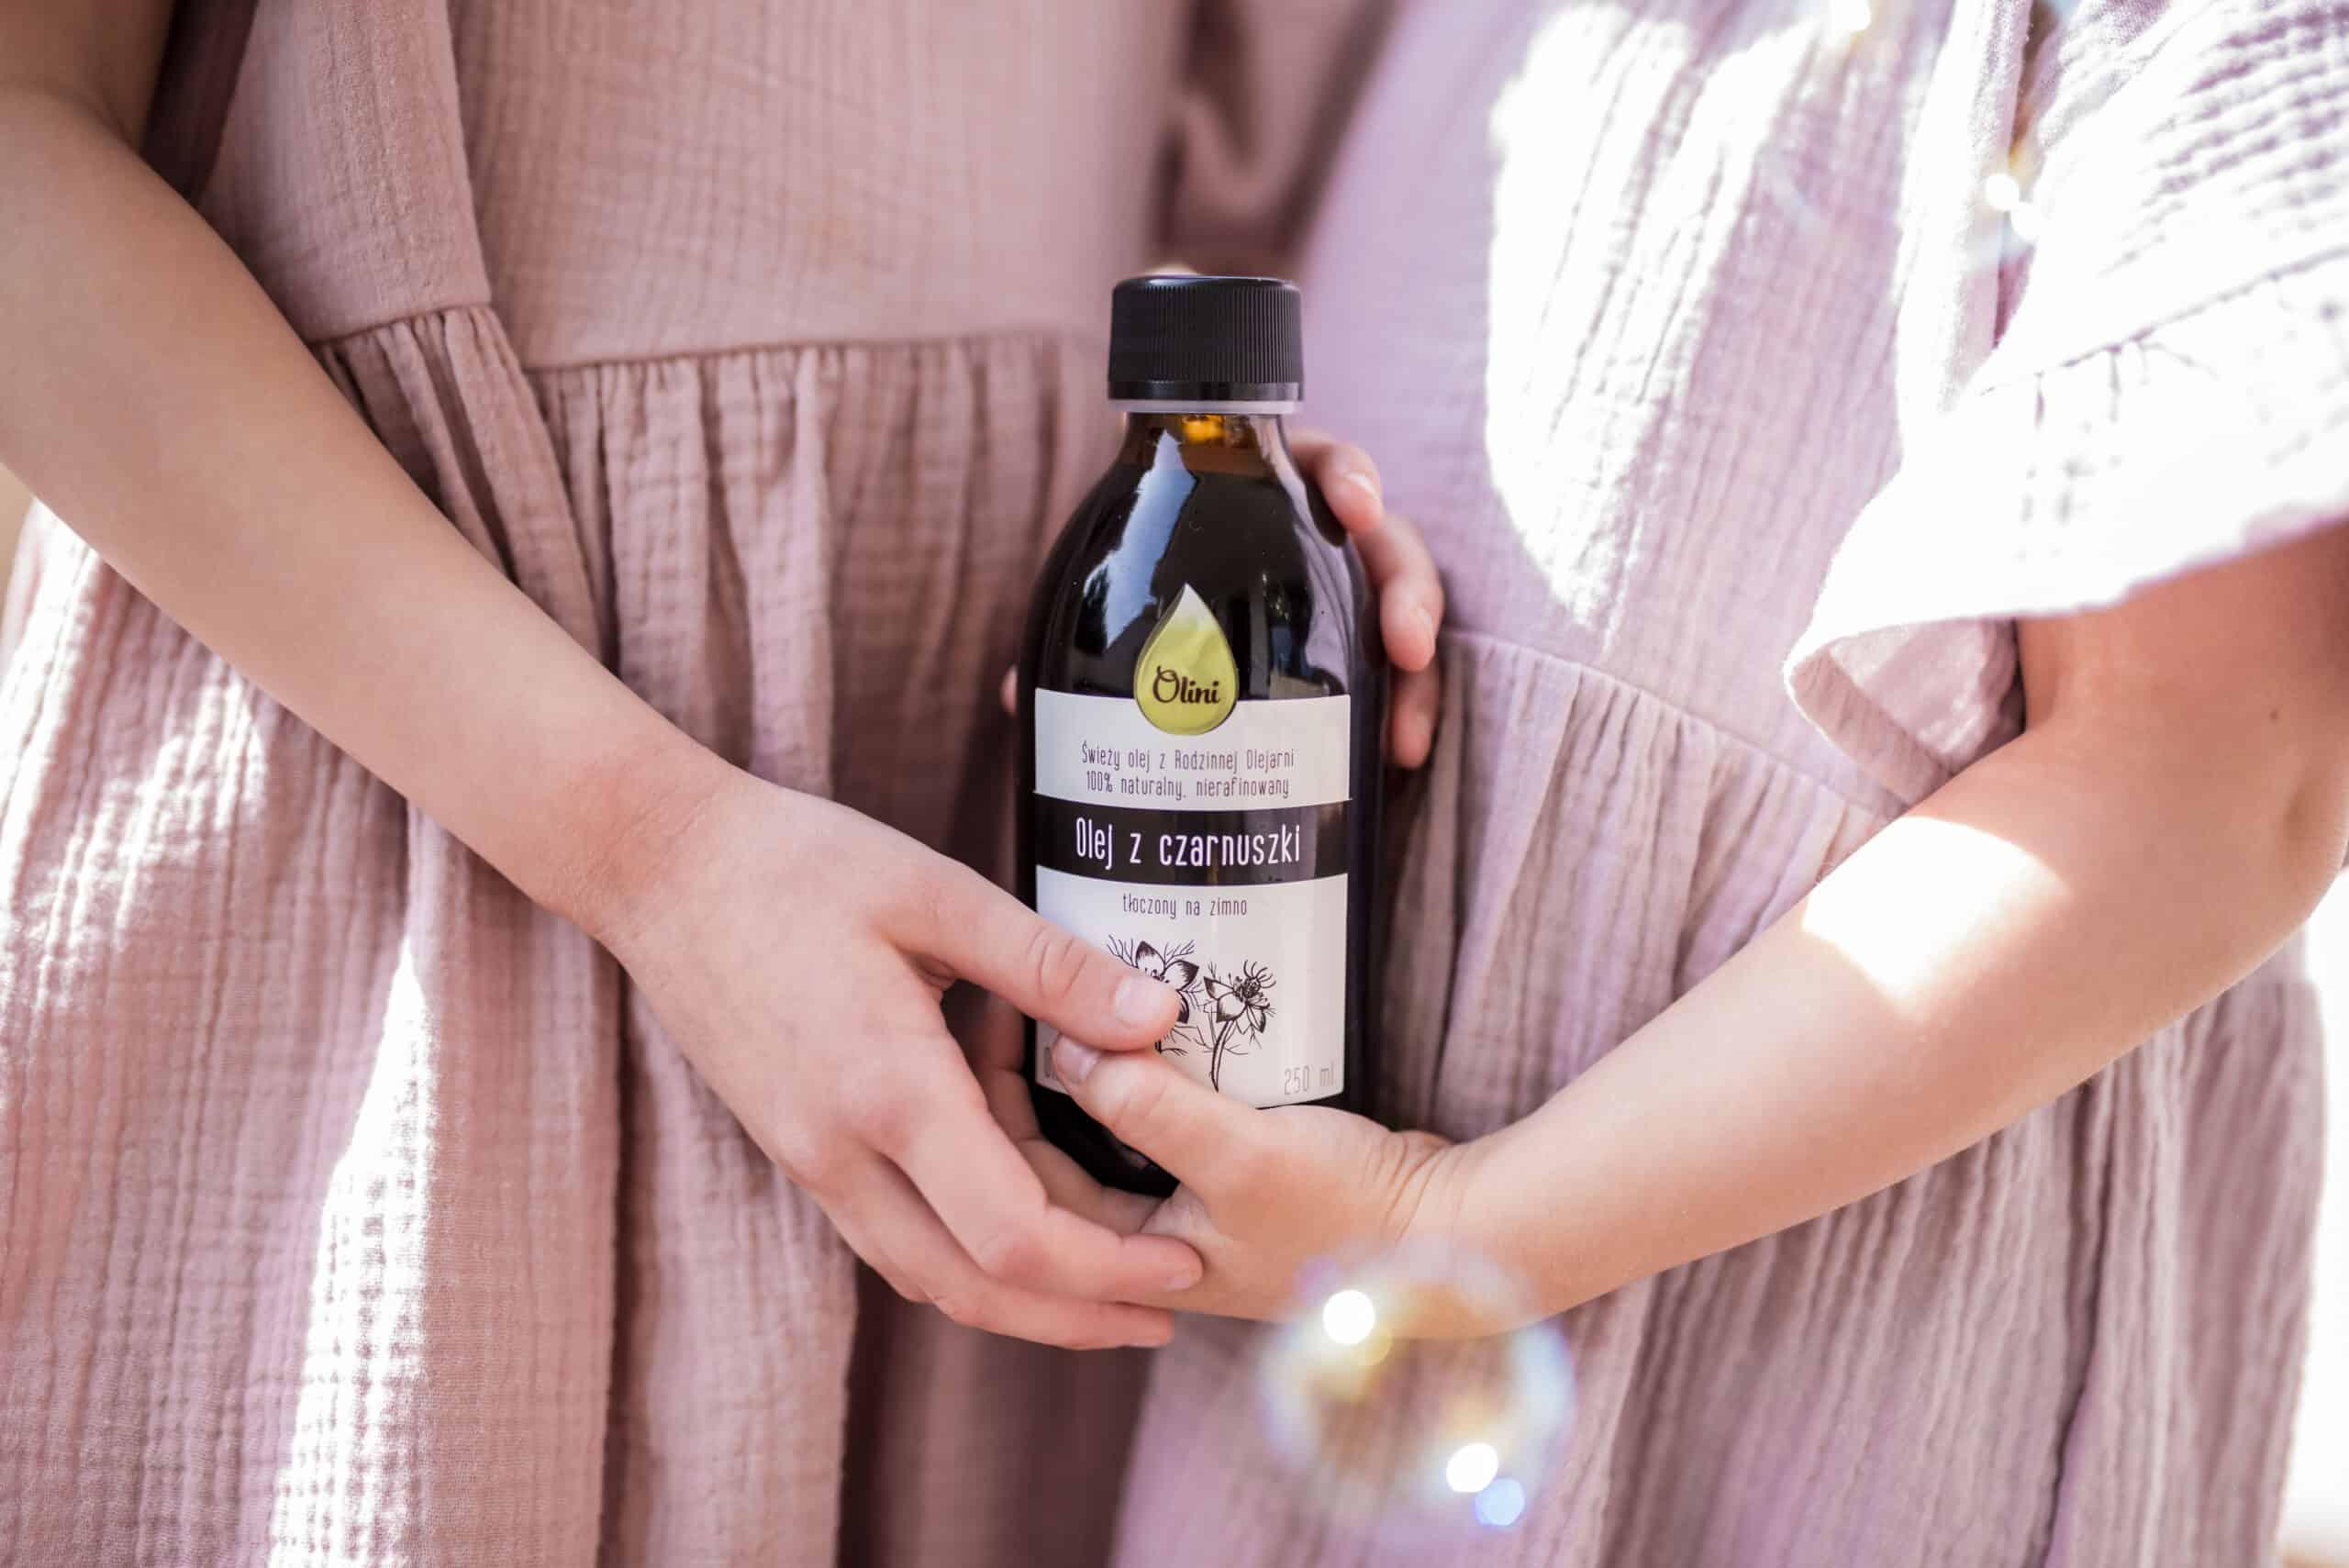 Olini, olej zczarnuszki, odporność, alergia, Matka Aptekarka